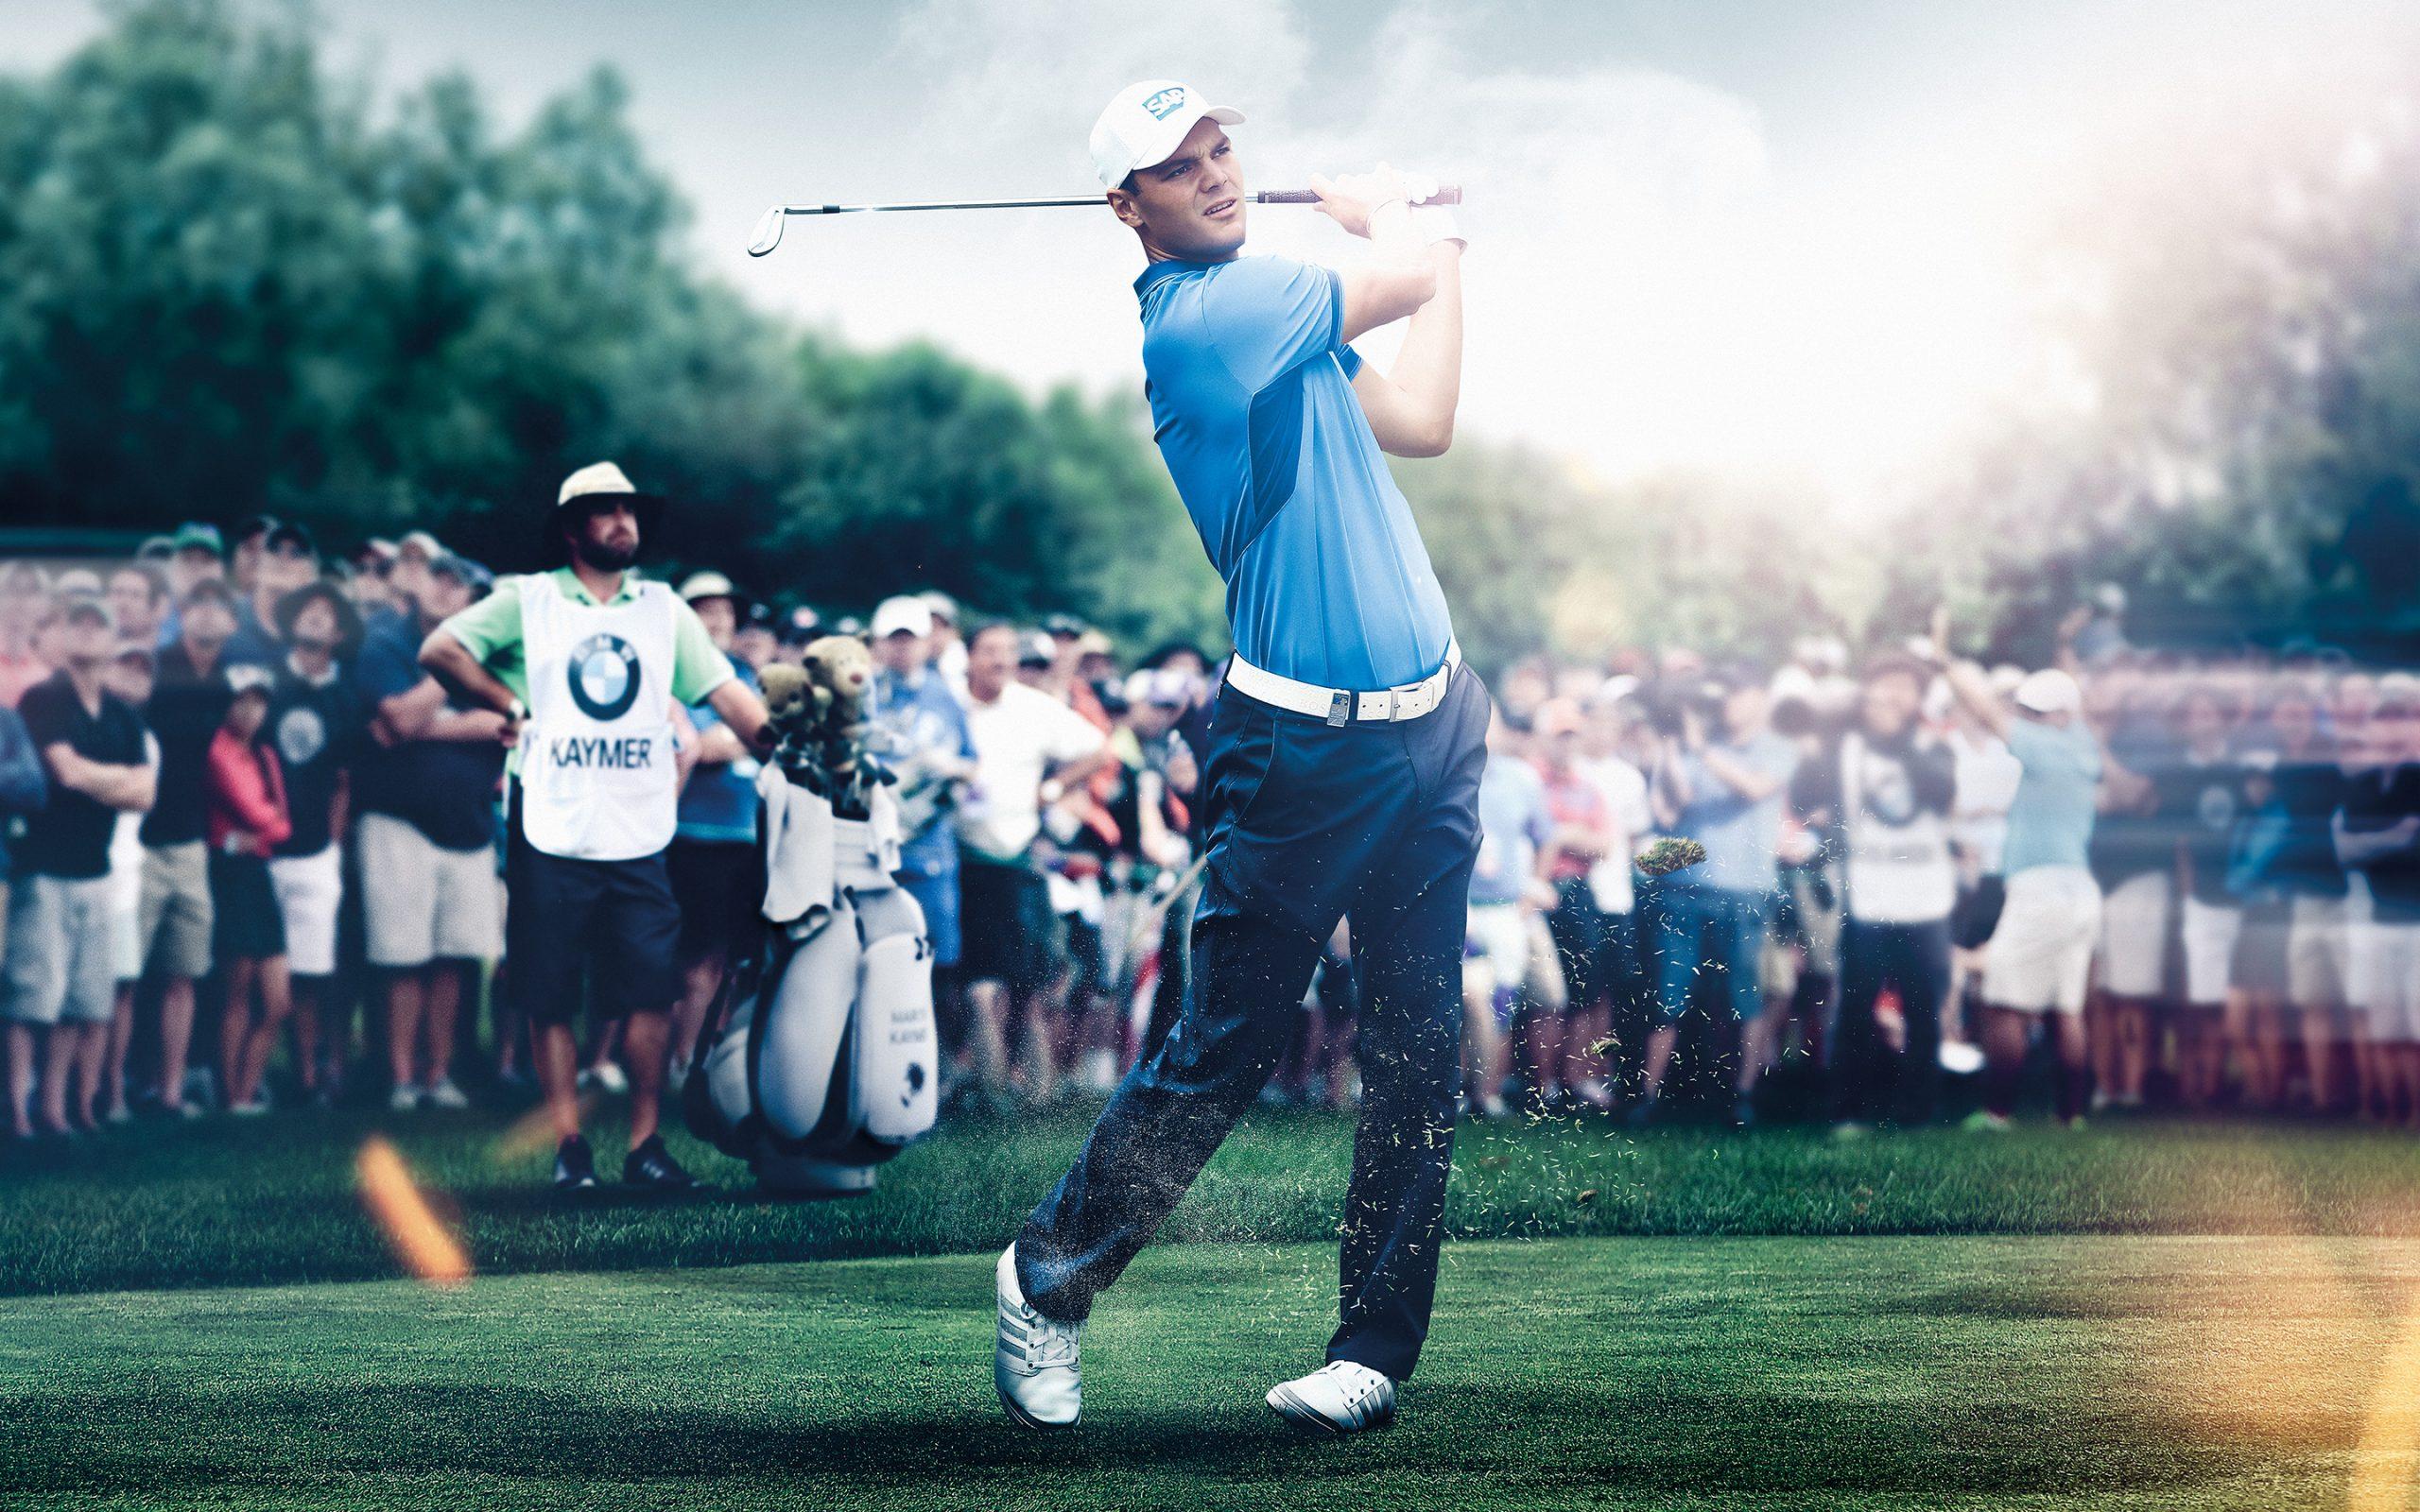 pascher-heinz-bmw-golfsport-visual-identity-04